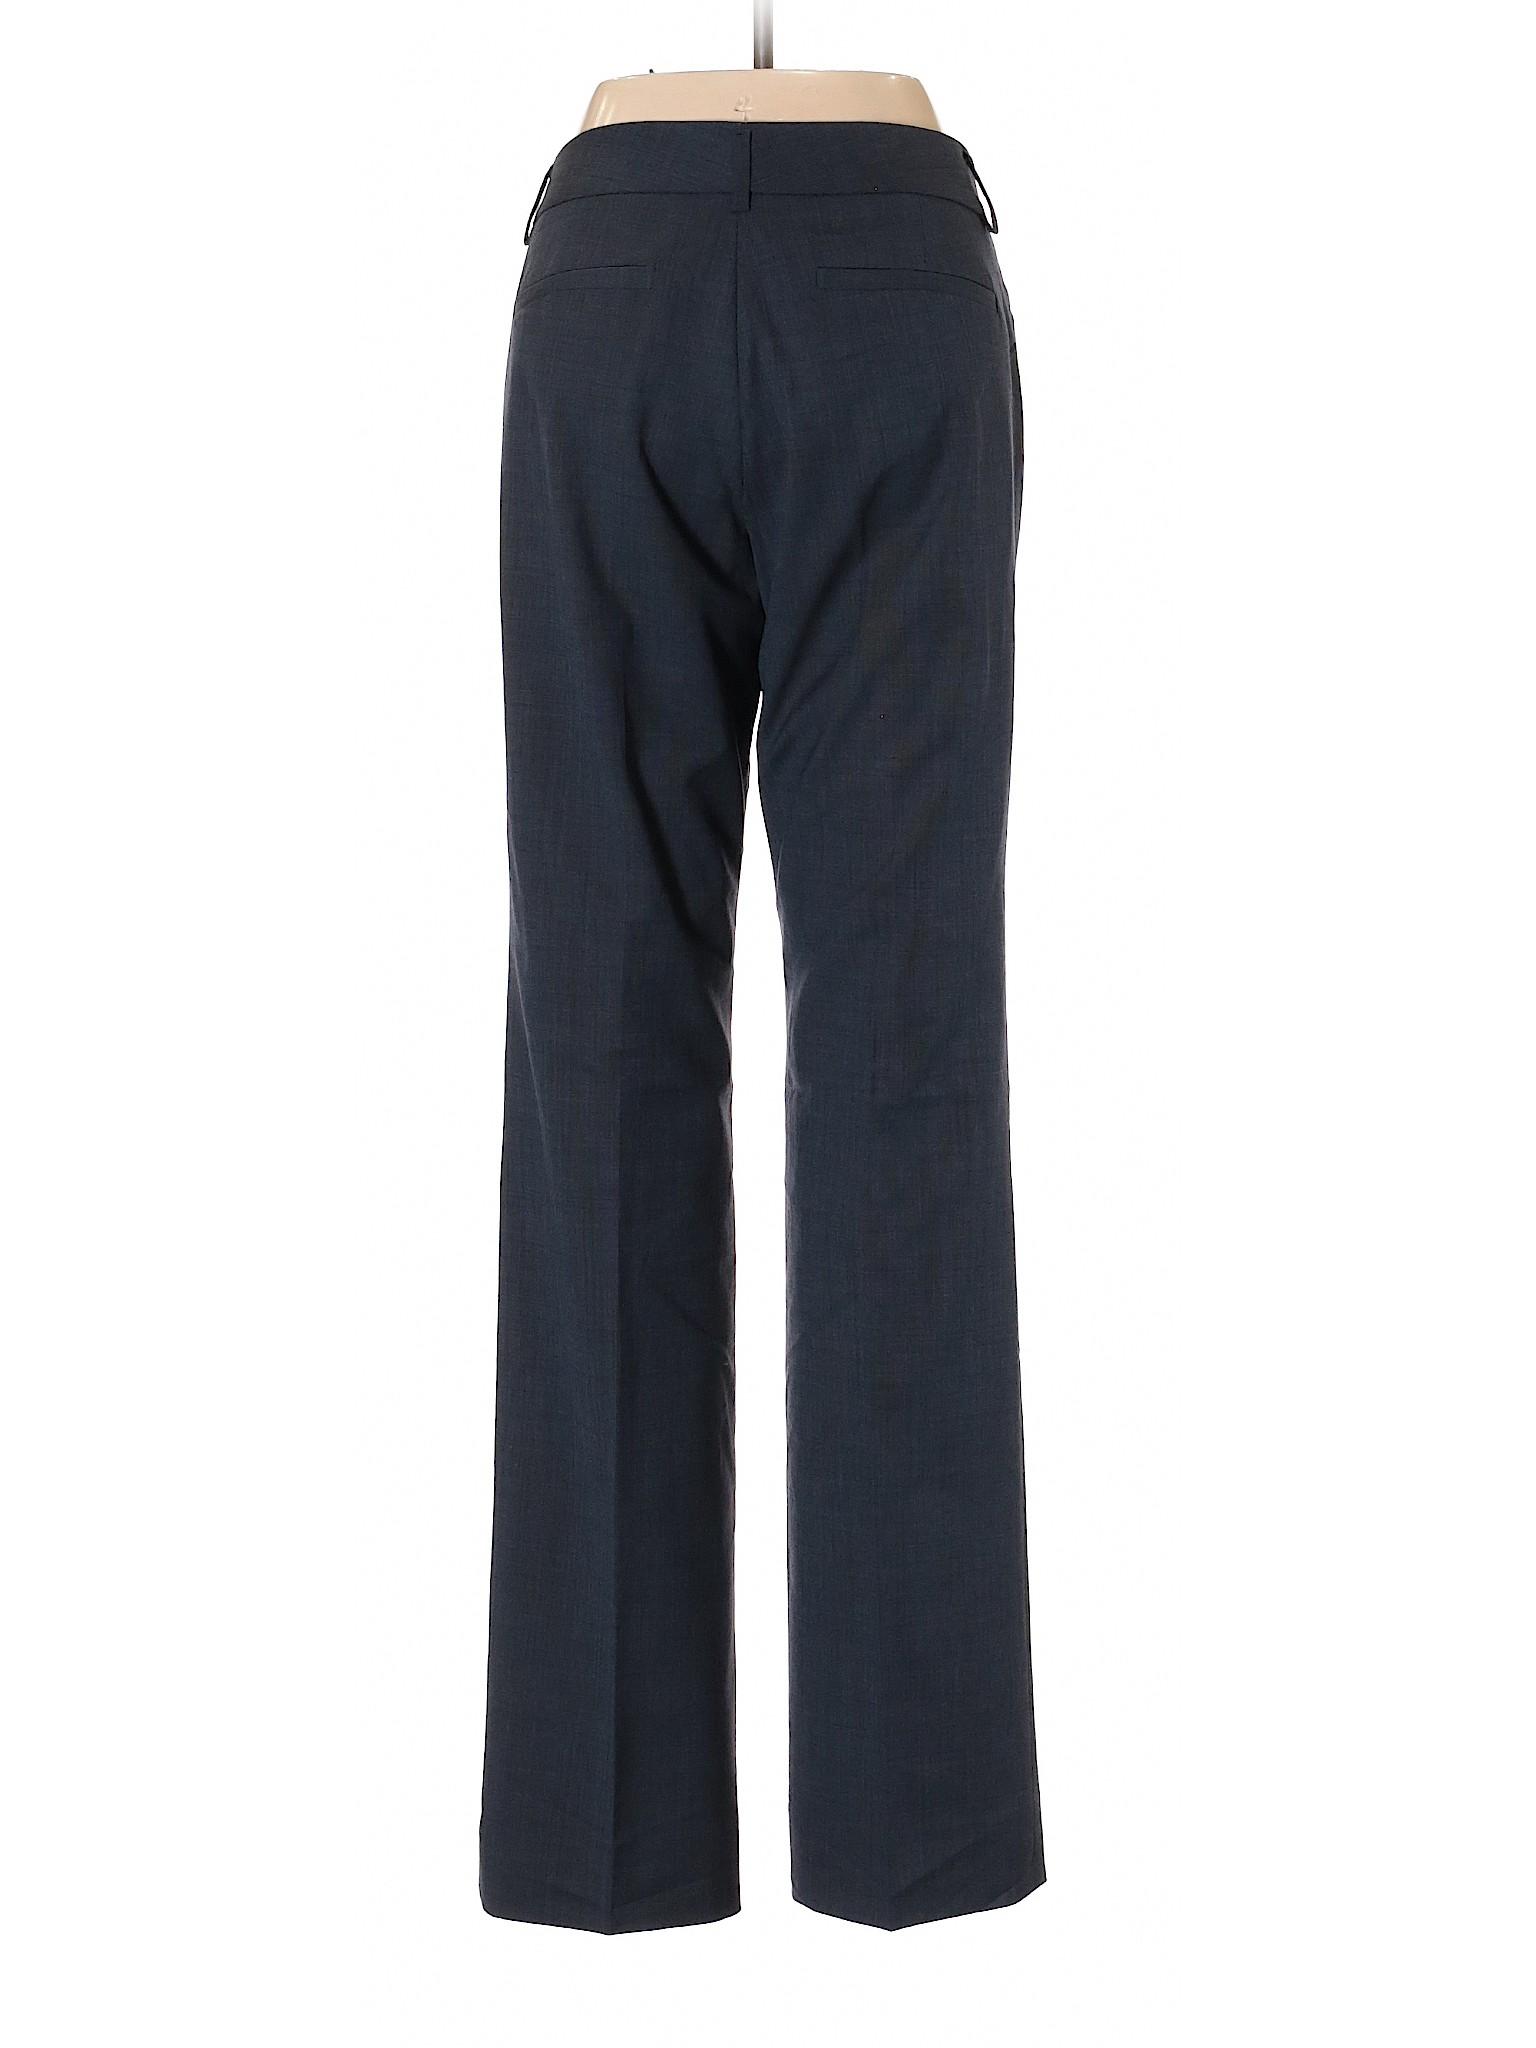 Pants winter Wool Republic Boutique Banana Pq1WpdqIn